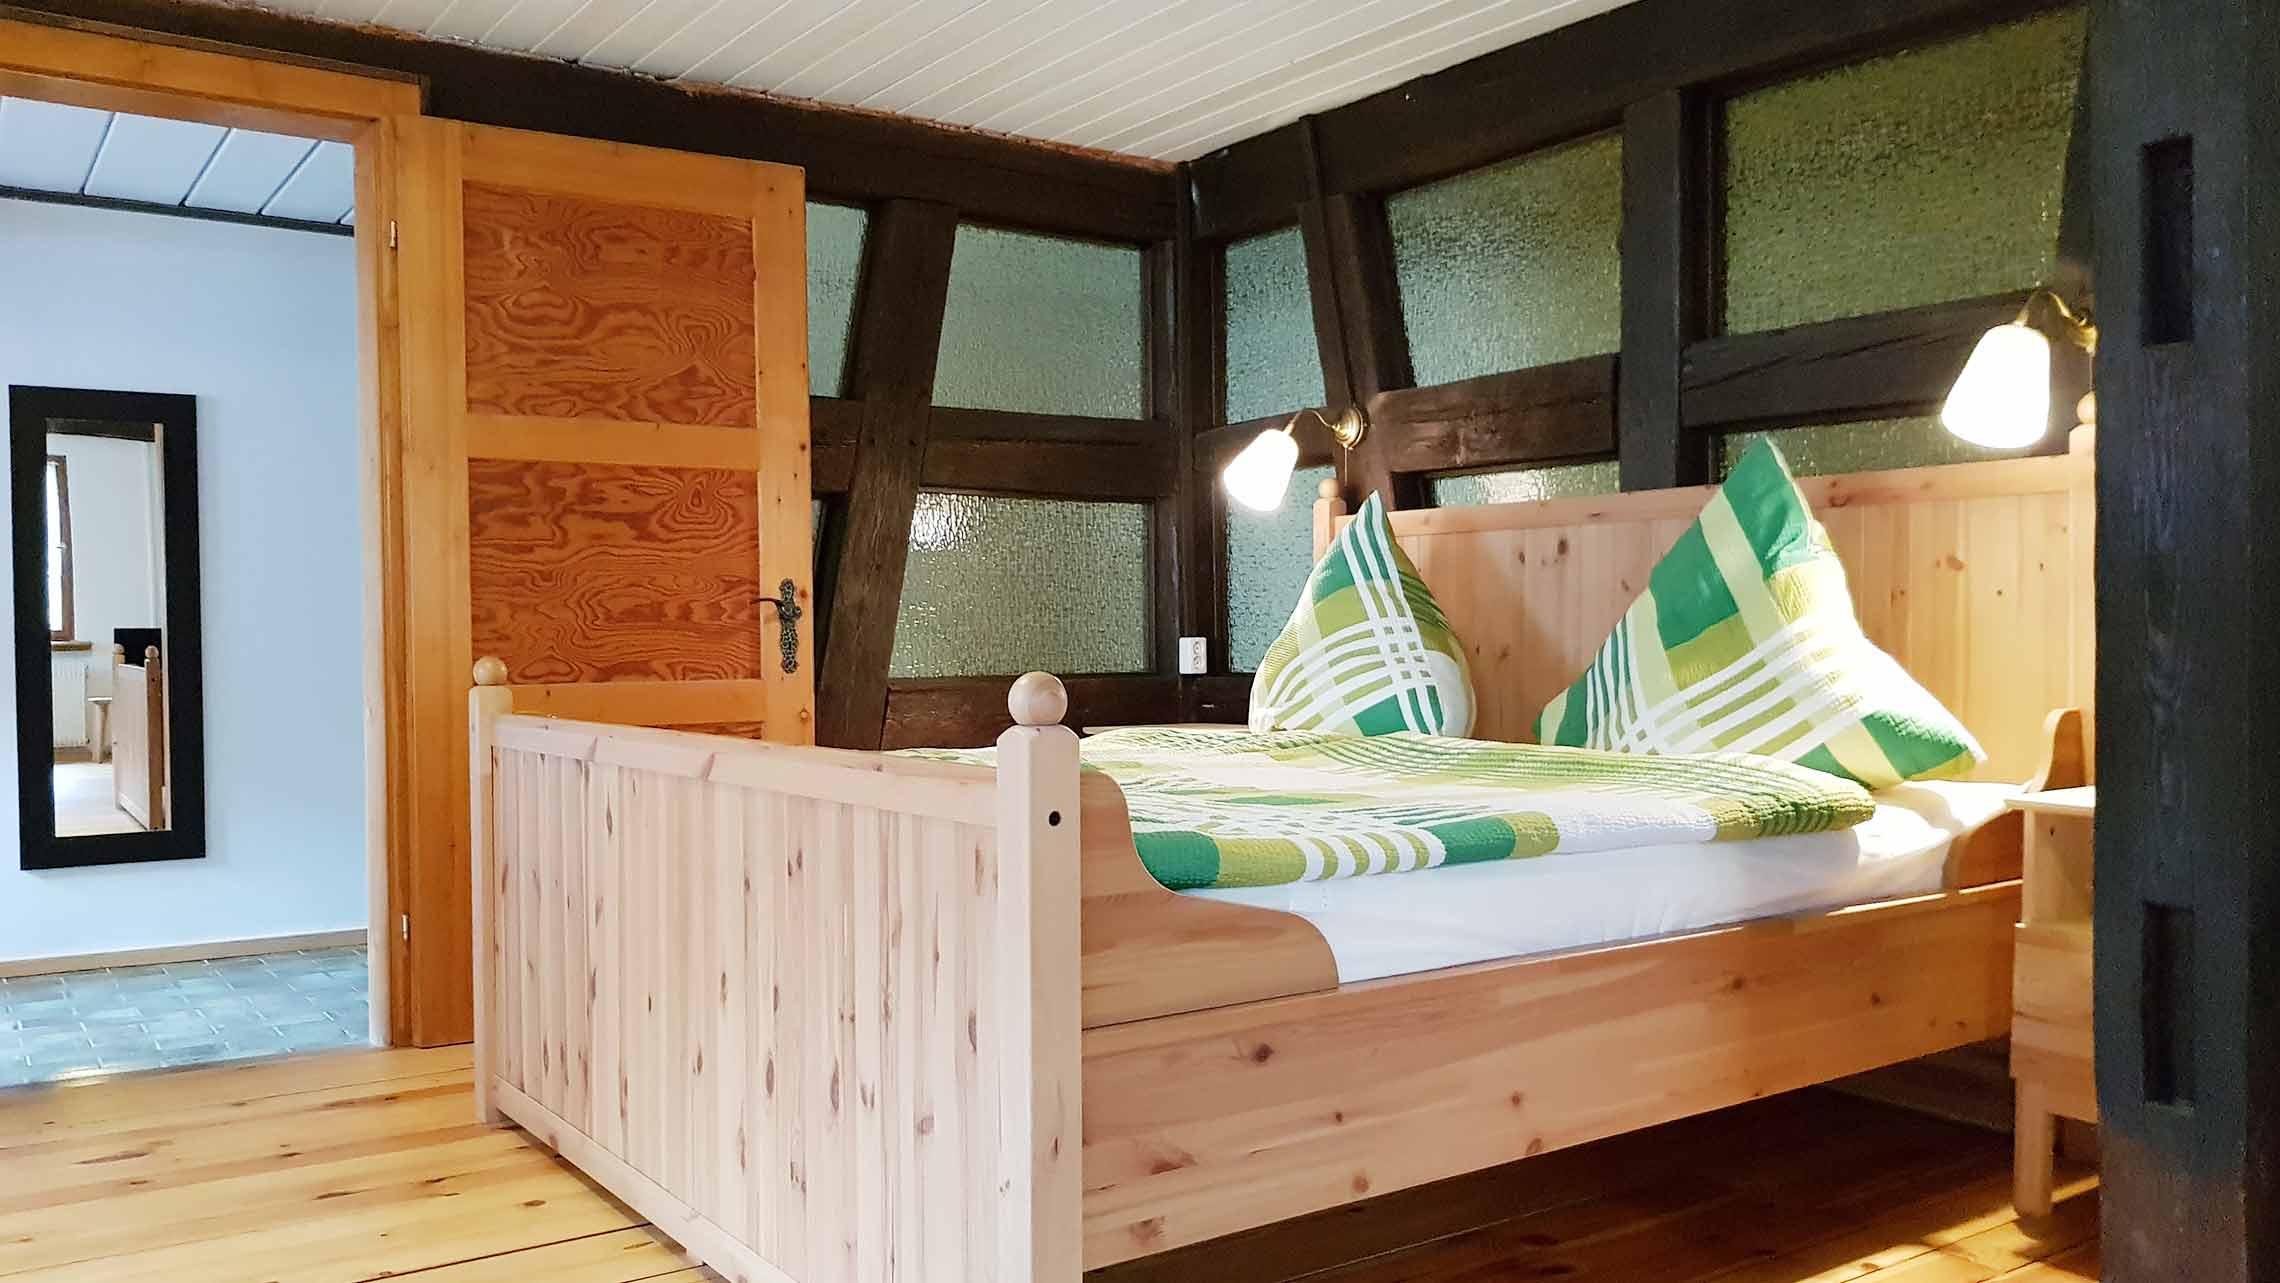 oelehof-akademie-ferienwohnung-laendliches-loft-schlafbereich-c